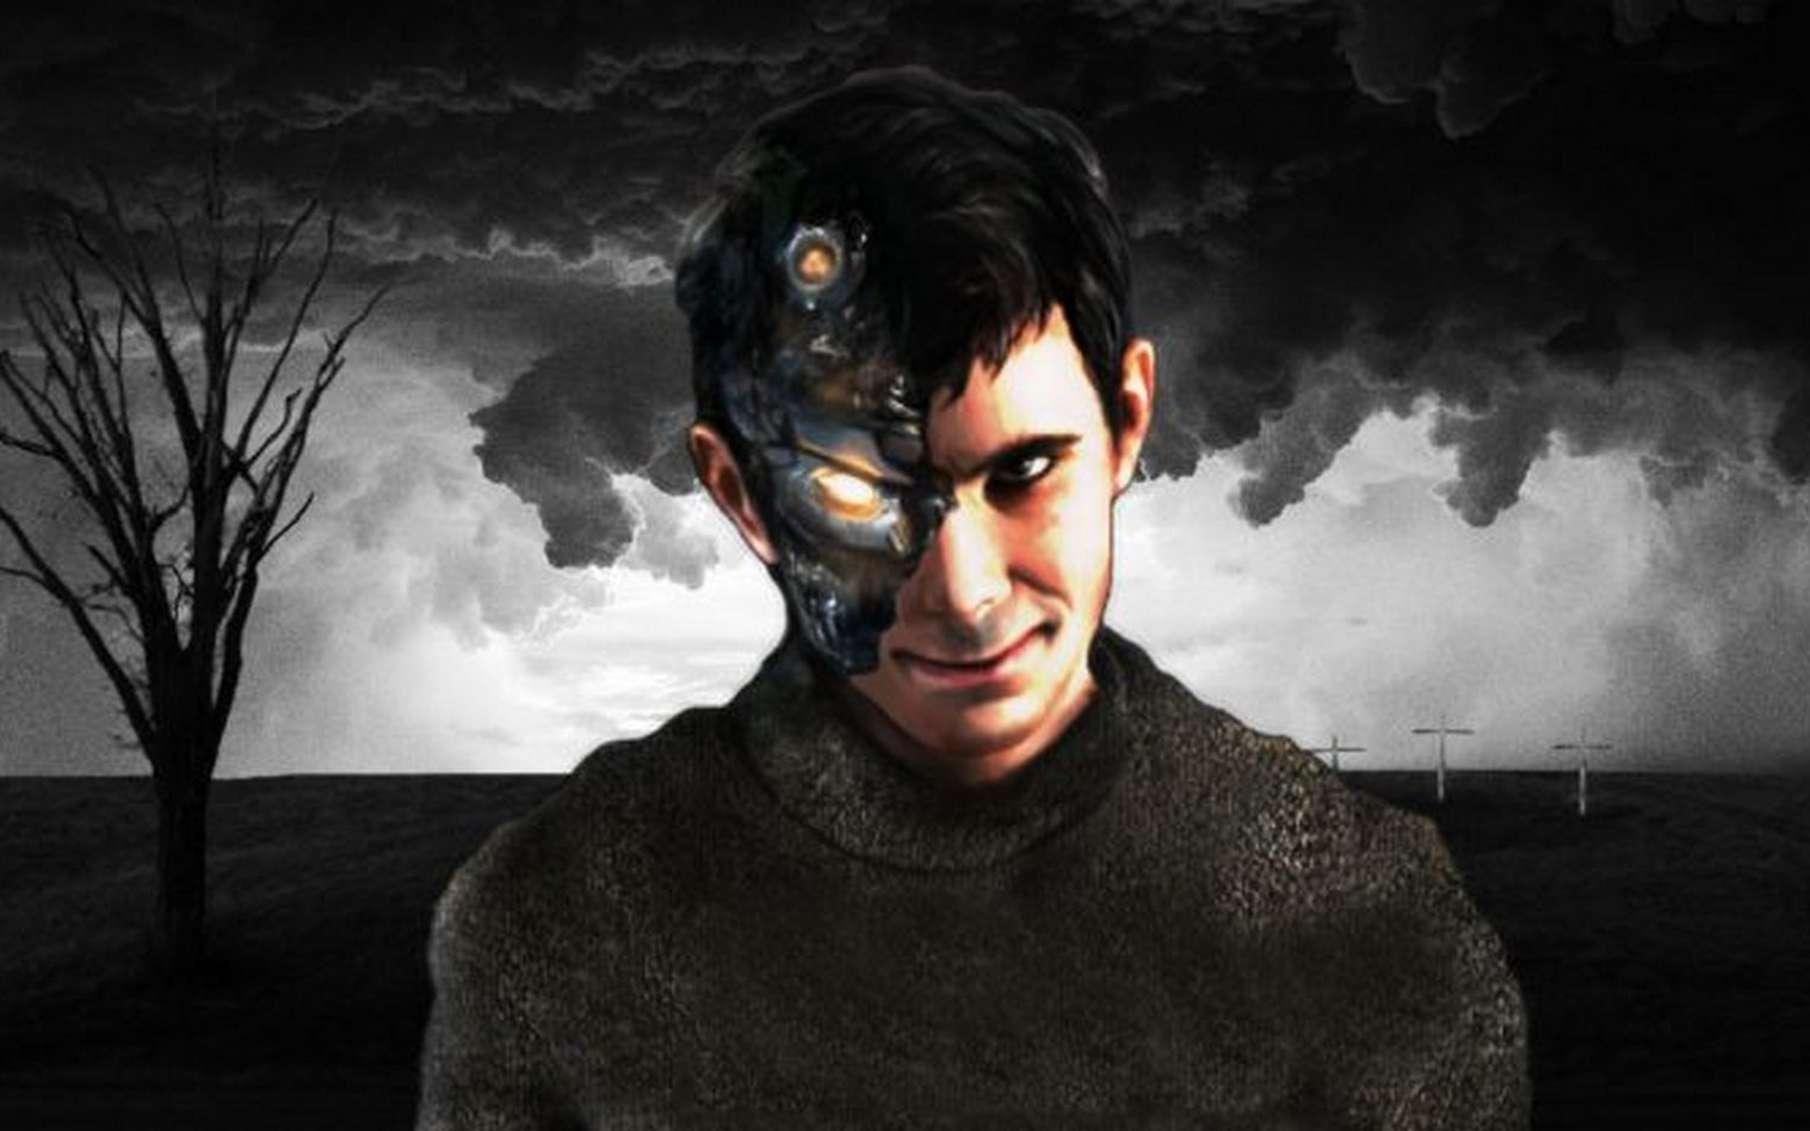 Le MIT a baptisé son « IA psycopathe » Norman en référence au personnage Norman Bates d'Alfred Hitchcock. © Scalable Cooperation